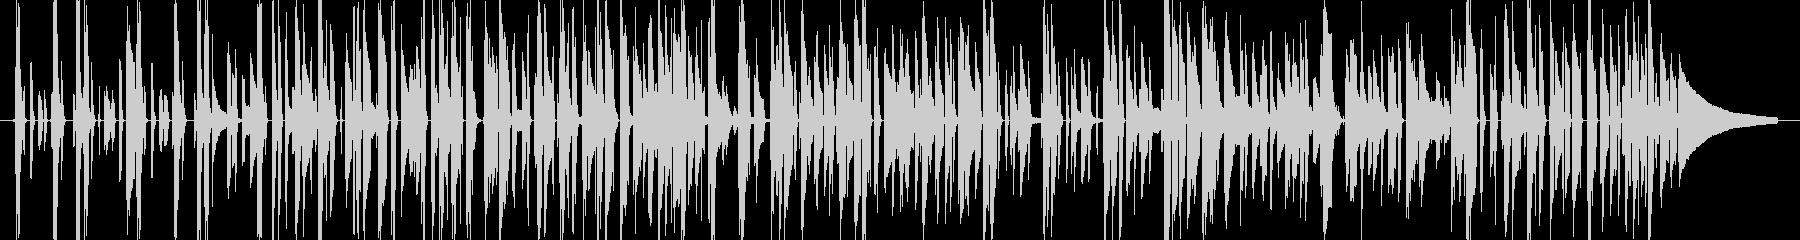 かっちりタイトに決めるベース&ピアノの未再生の波形